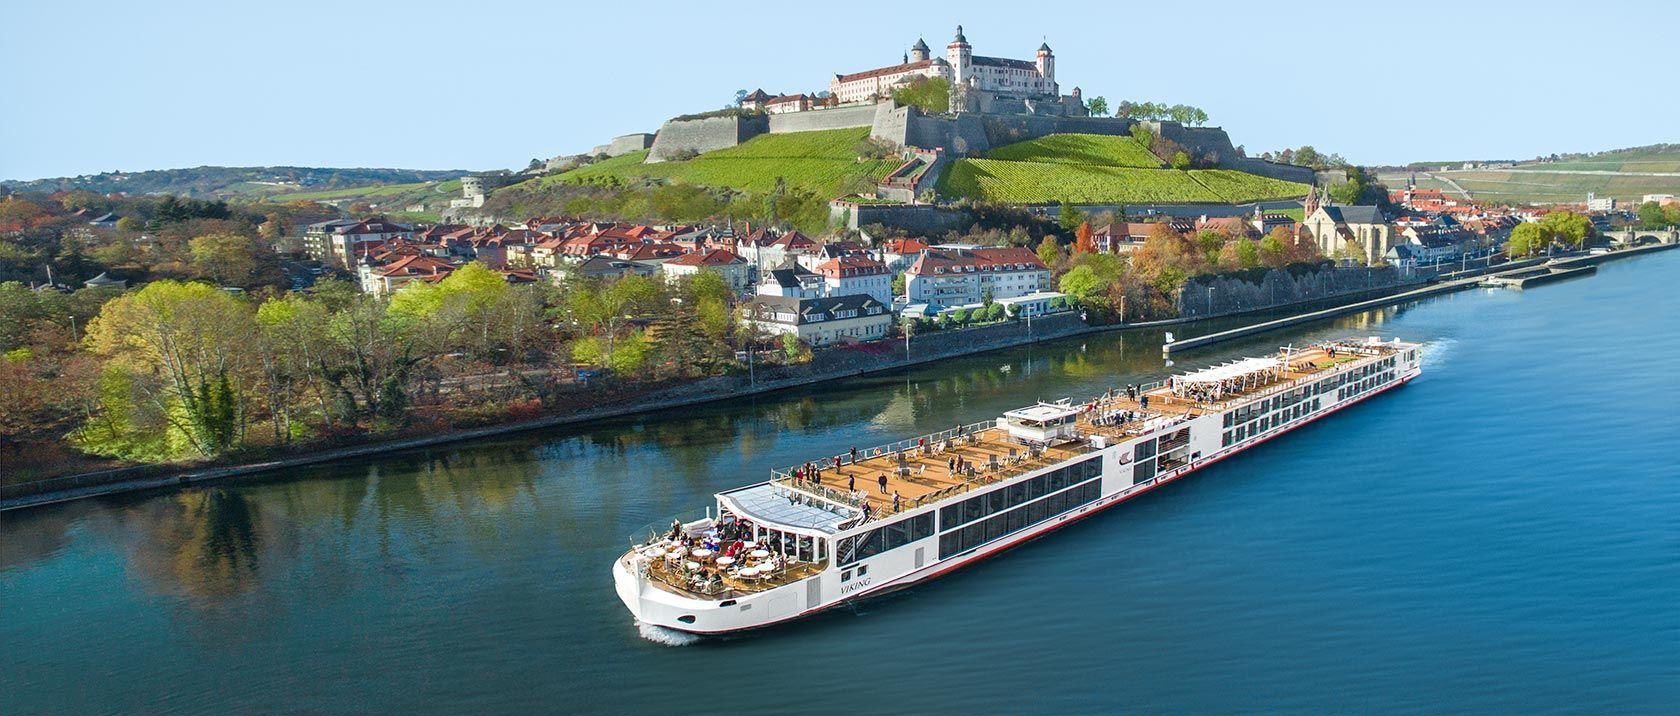 5 Of The Best Honeymoon Cruises To Book Now Viking Cruises